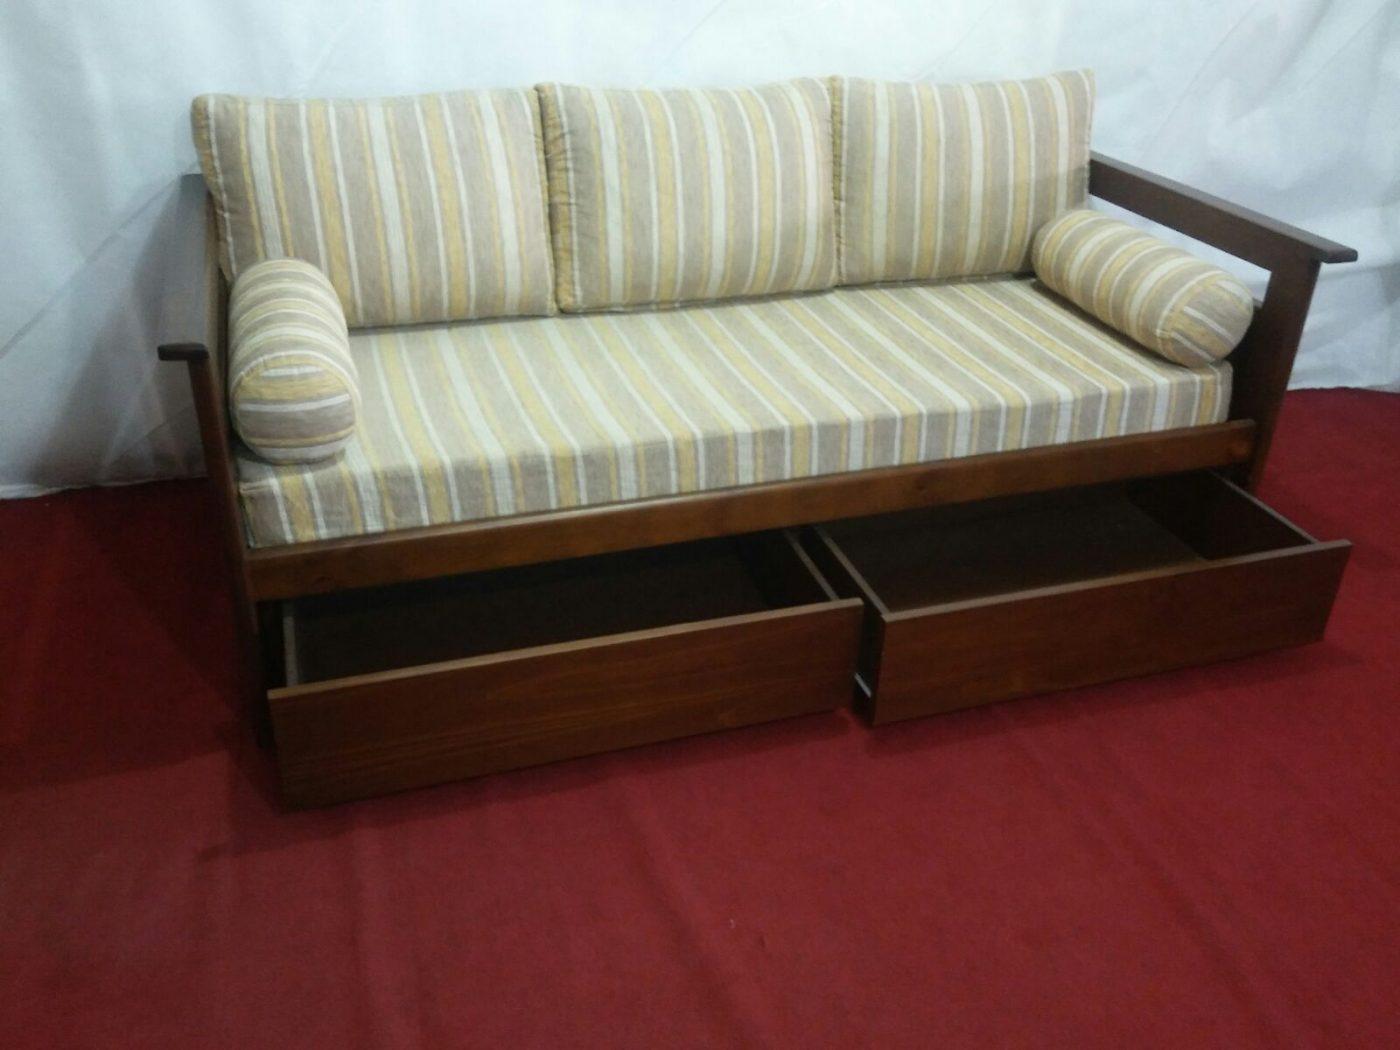 mercadolibre uruguay sofa cama usado corner and cuddle chair set sofá con cajones en madera ombú muebles